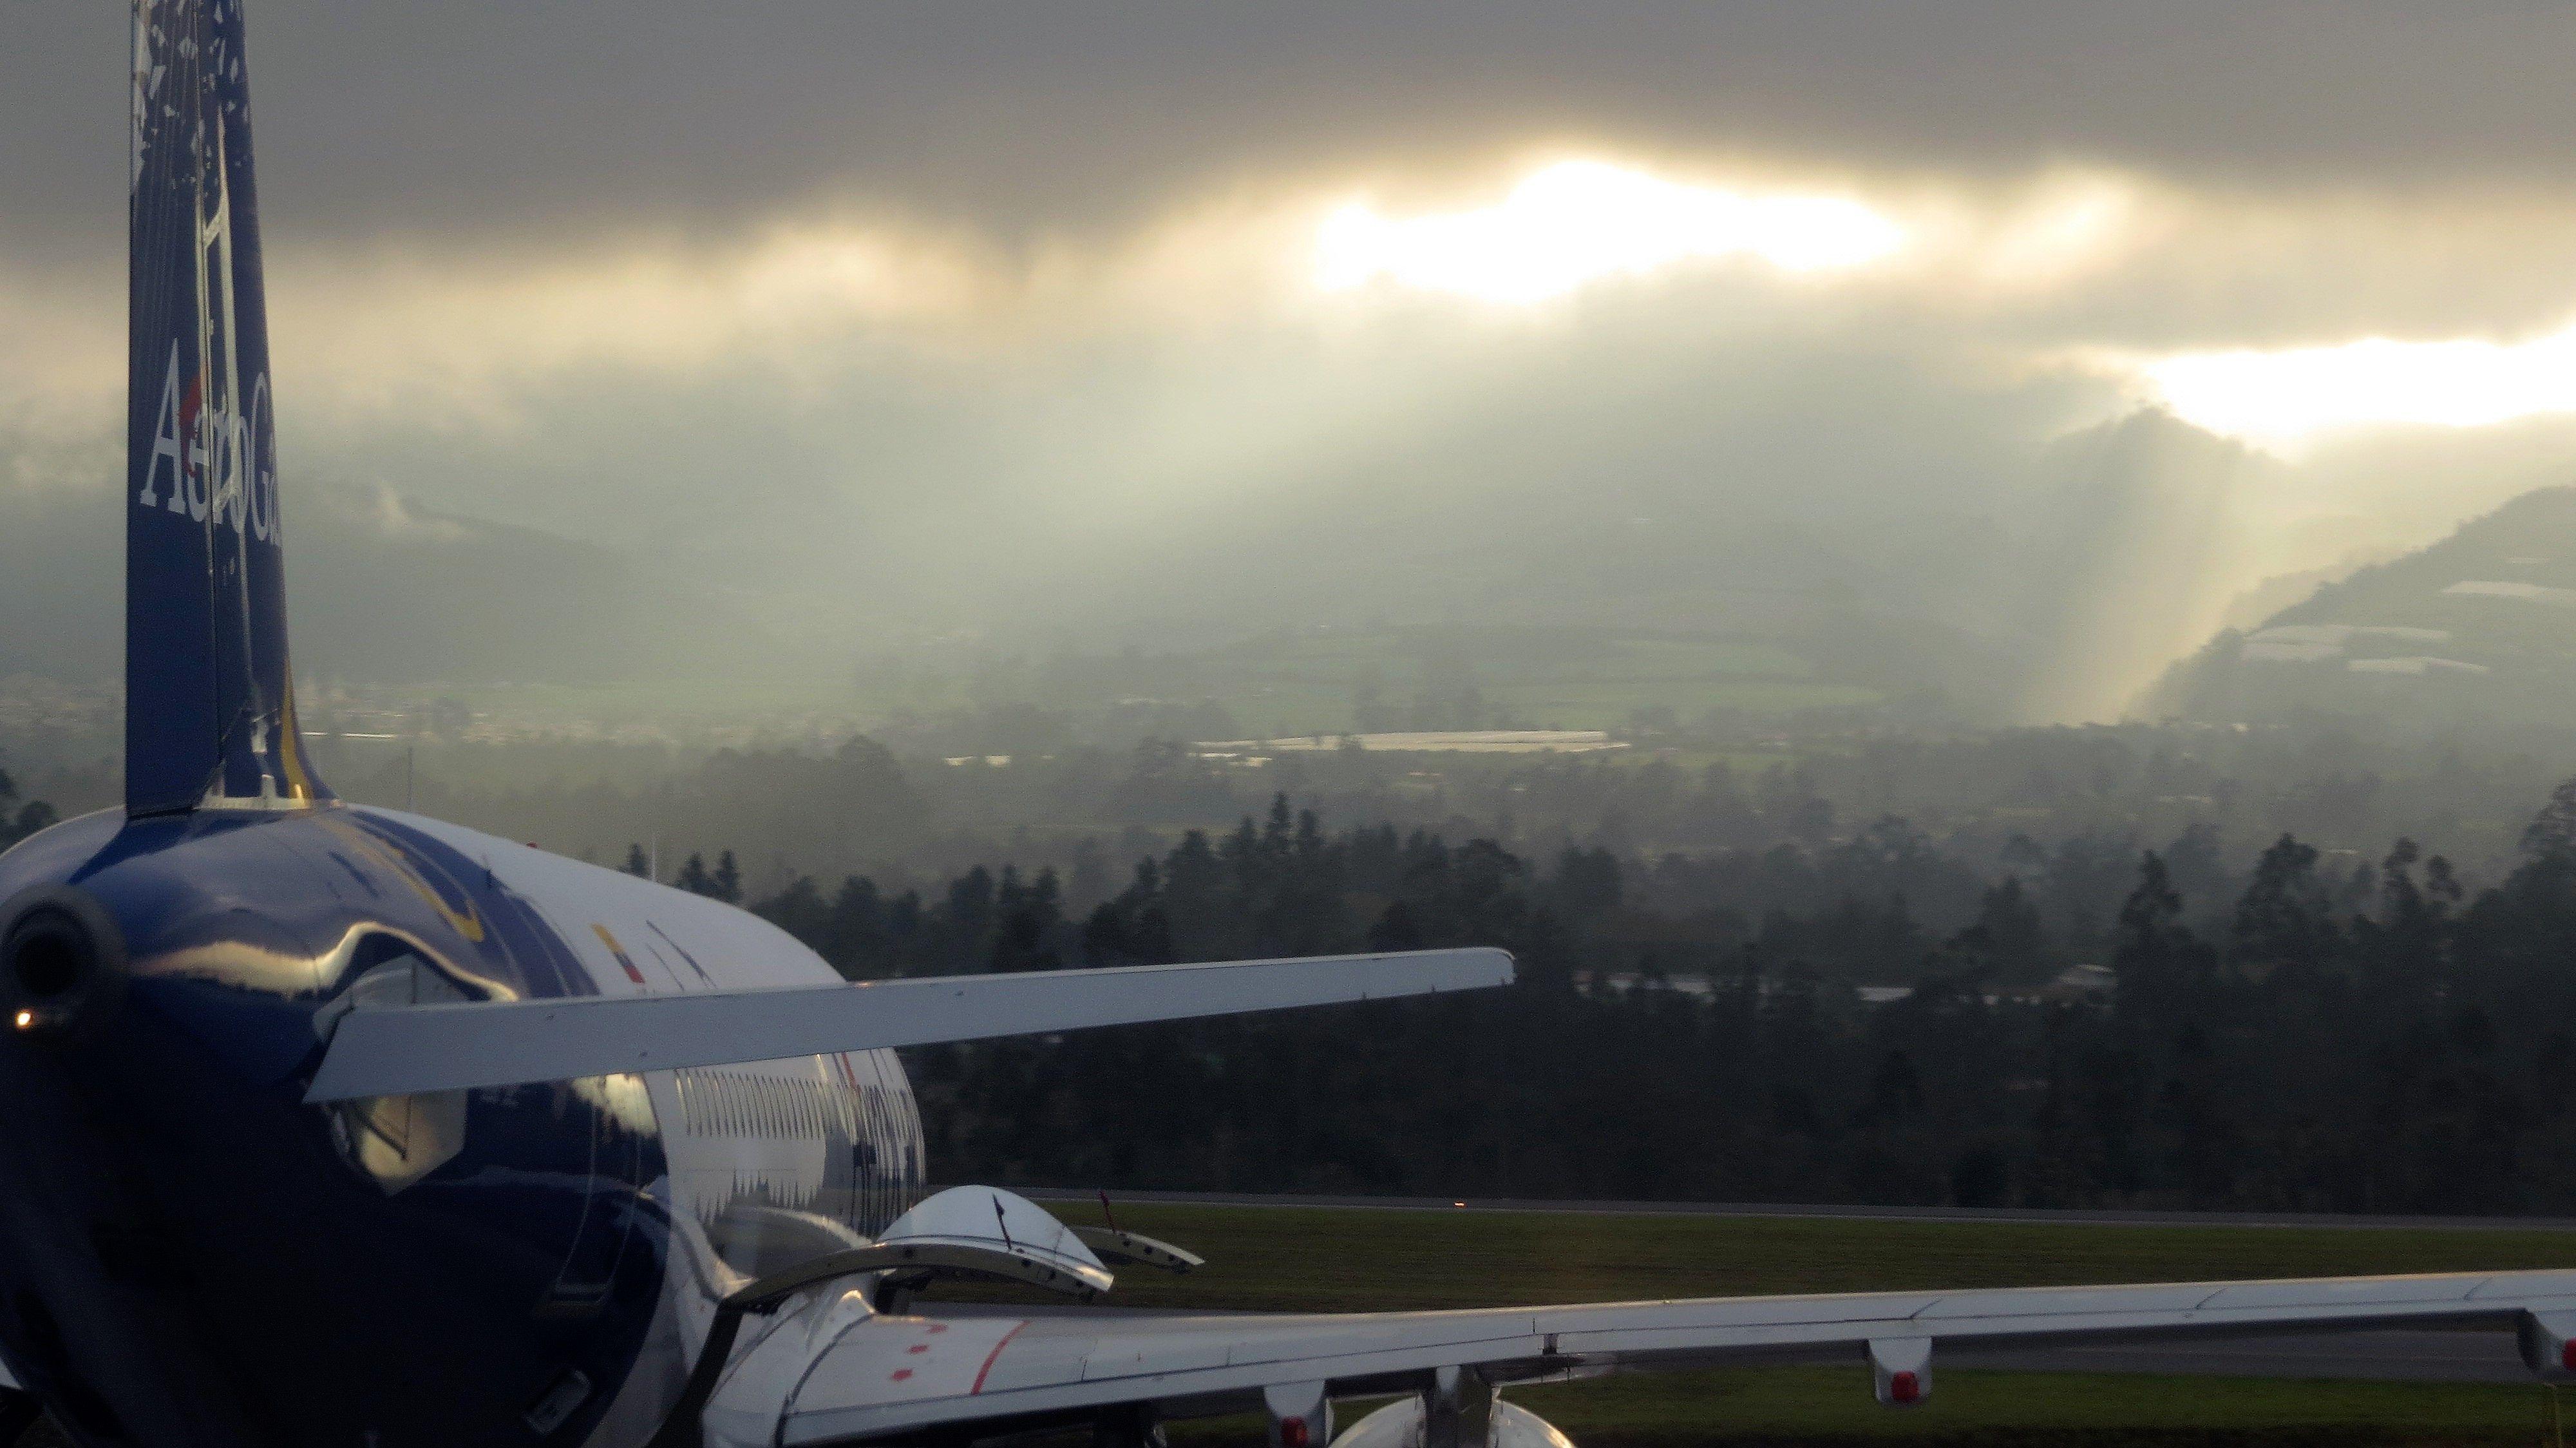 Ecuador adopta política pública de liberalizar transporte aéreo